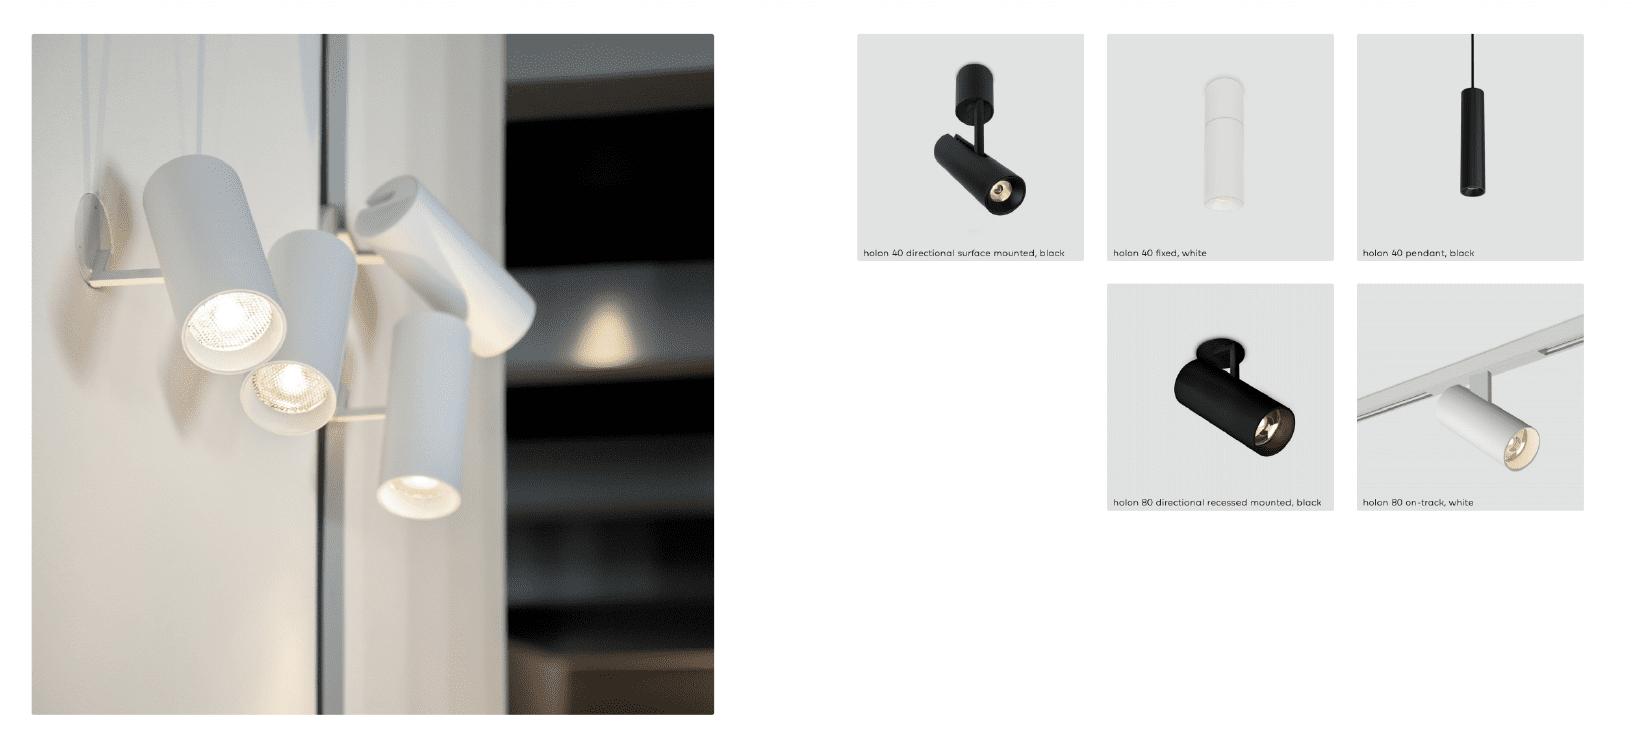 TLA product spotlight on Kreon Holon 40